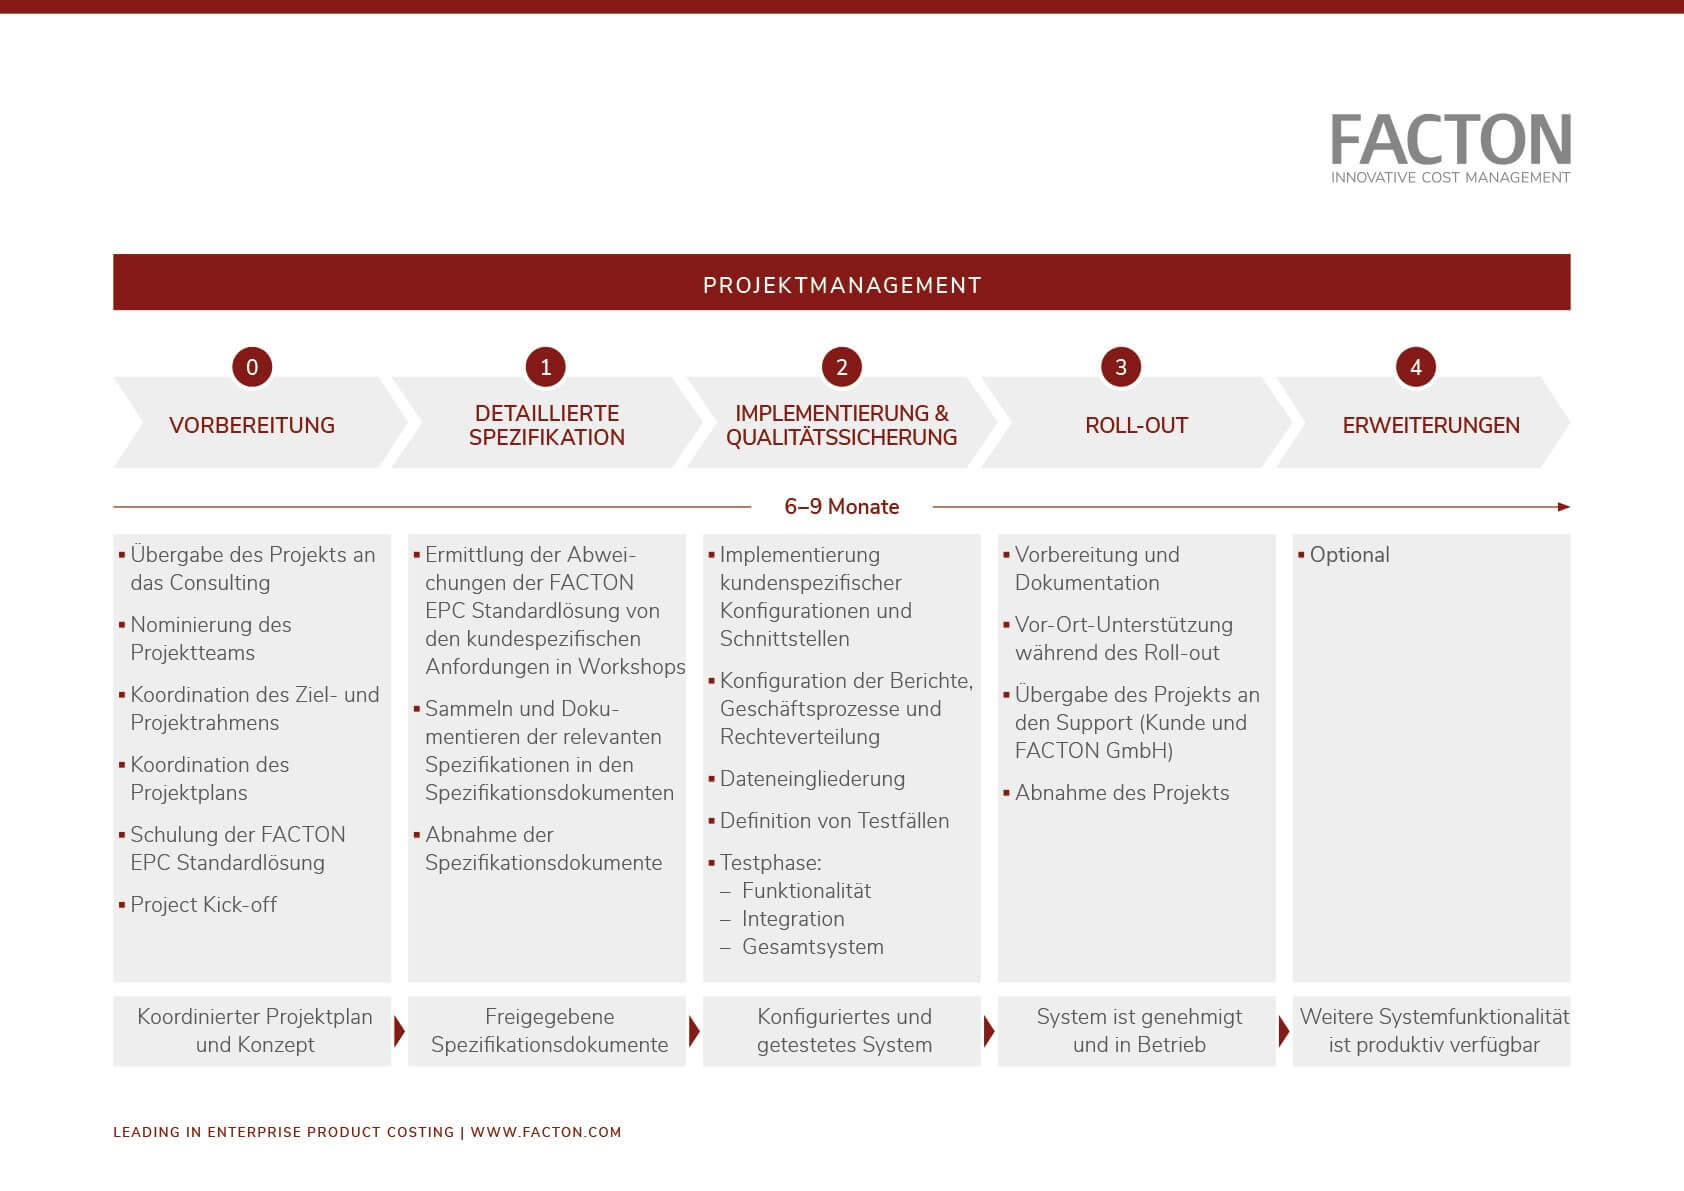 Schaubild zum Ablauf der Projektumsetzung mit FACTON